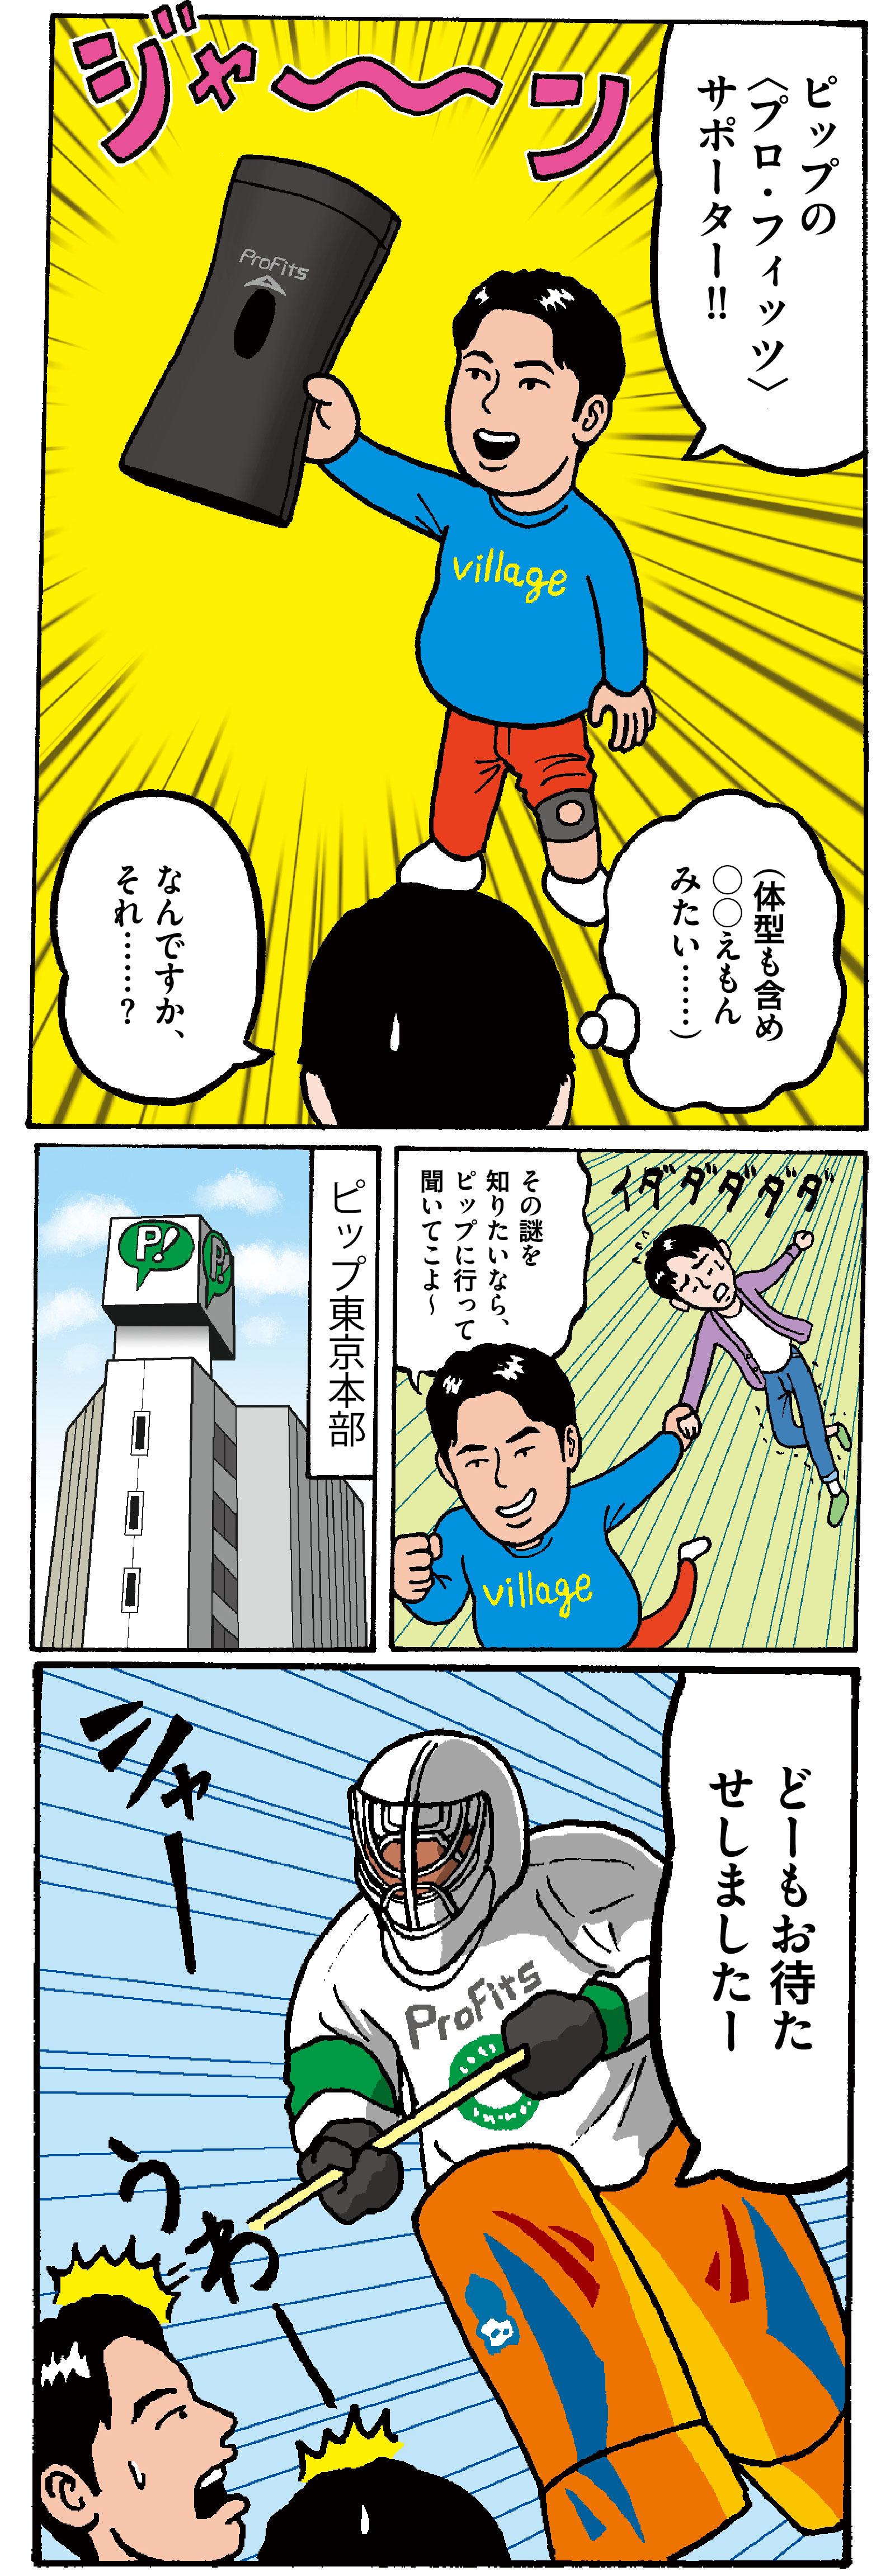 20190517rm_manga05